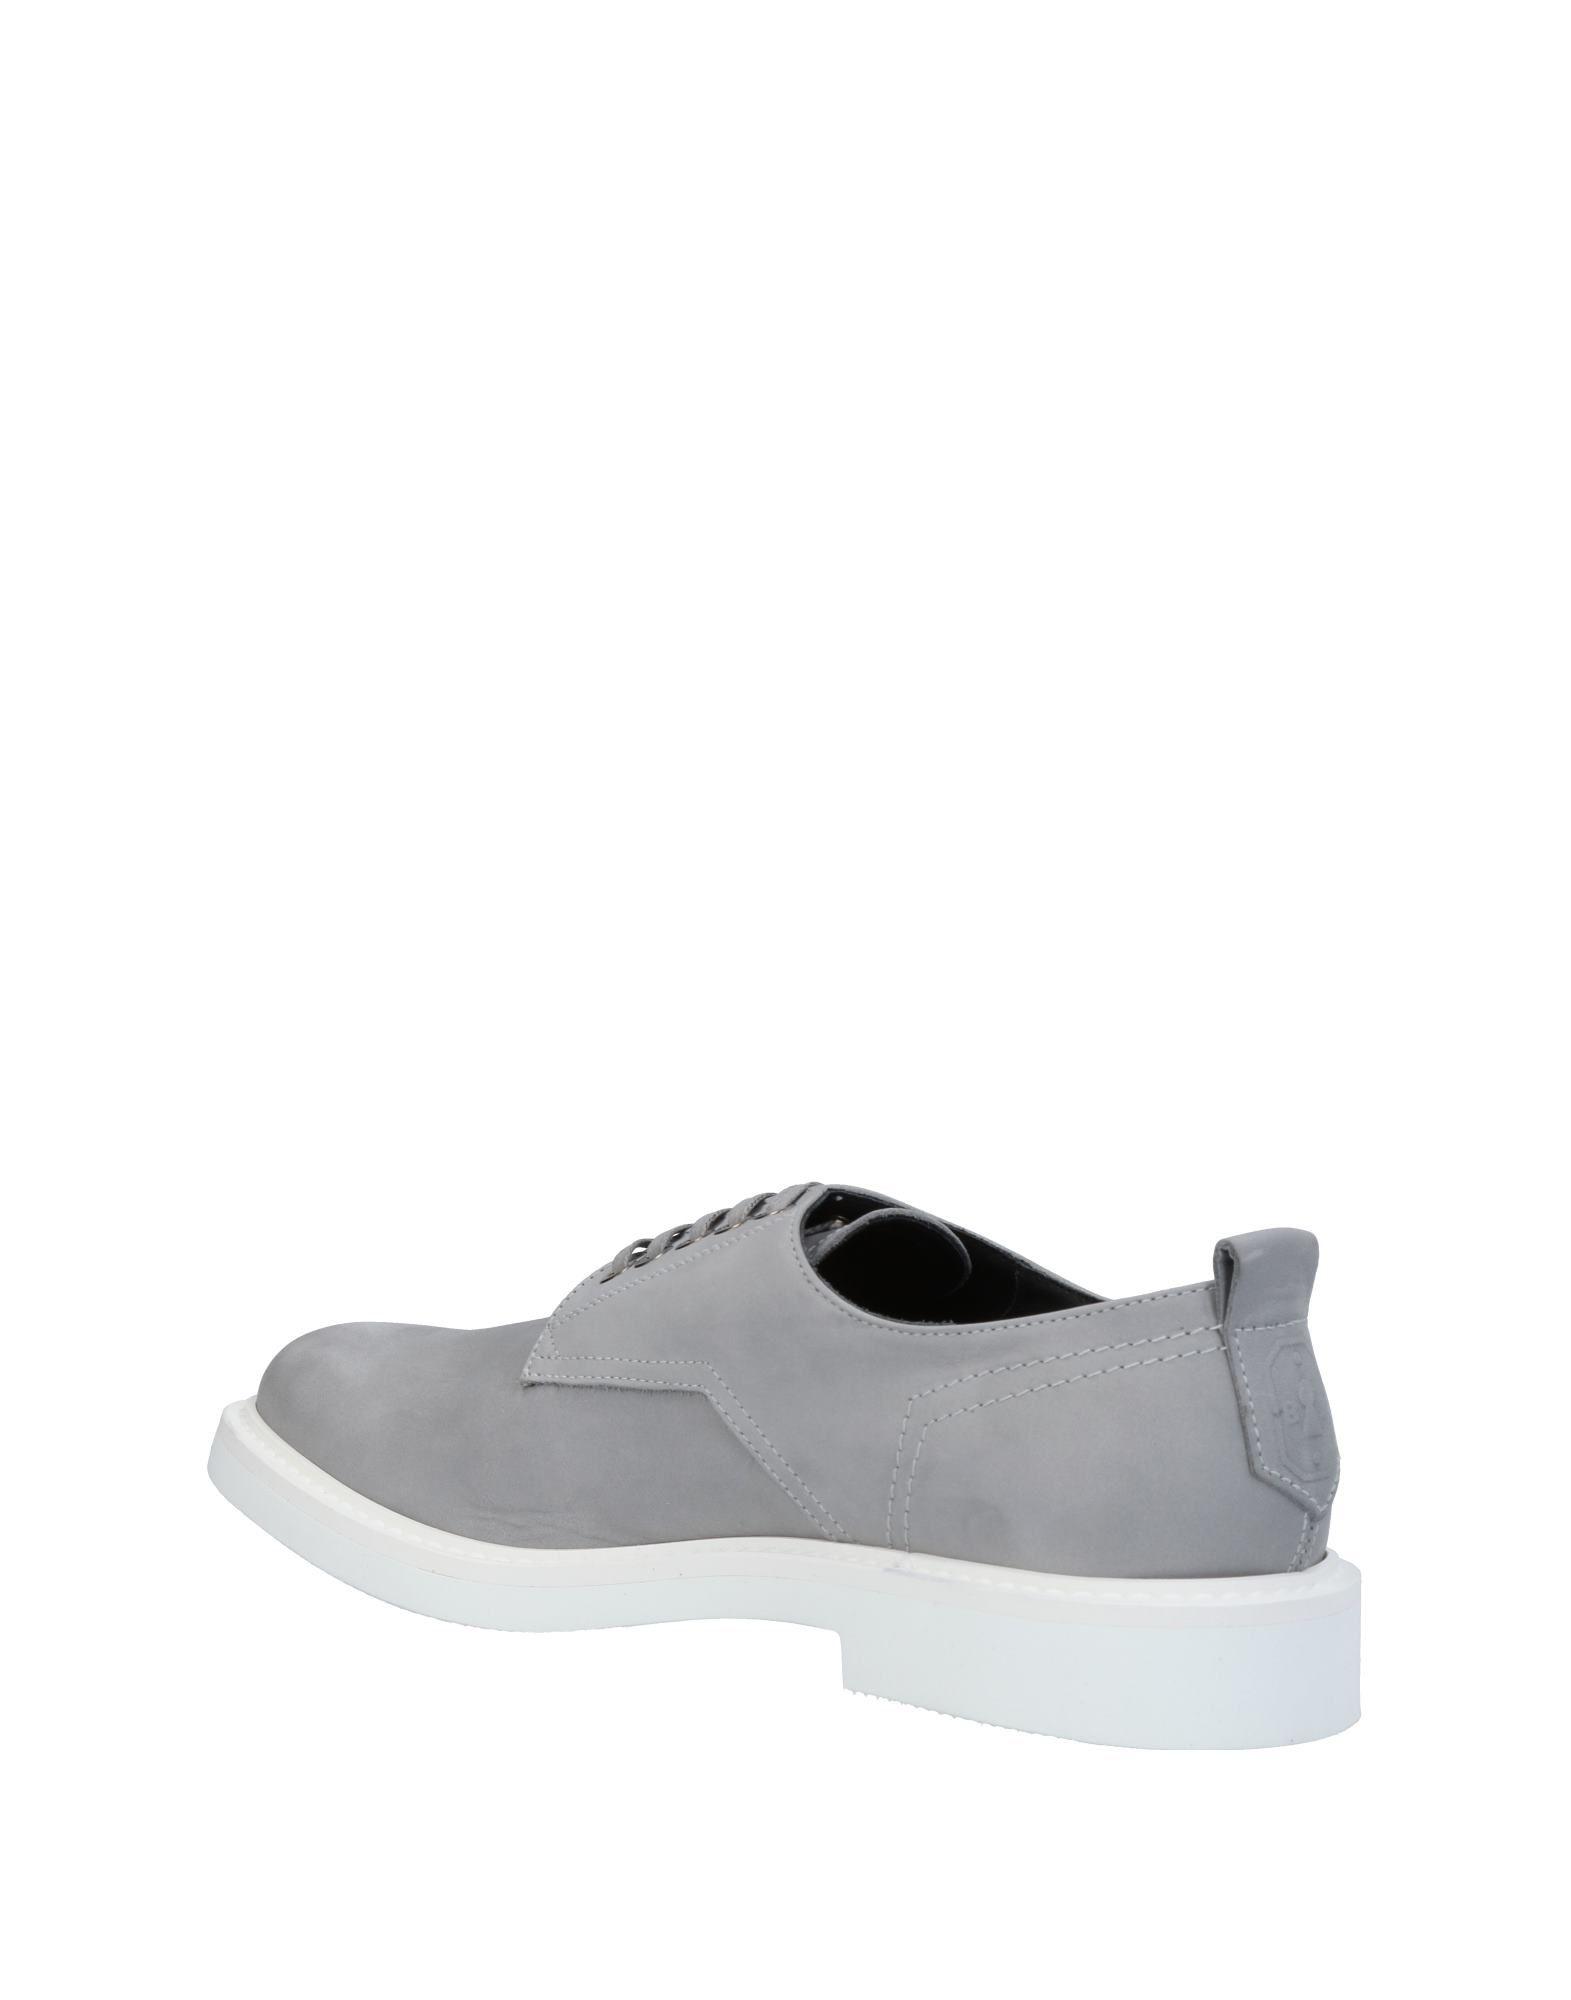 Rabatt Schnürschuhe echte Schuhe Bruno Bordese Schnürschuhe Rabatt Herren  11428075XH 684c04